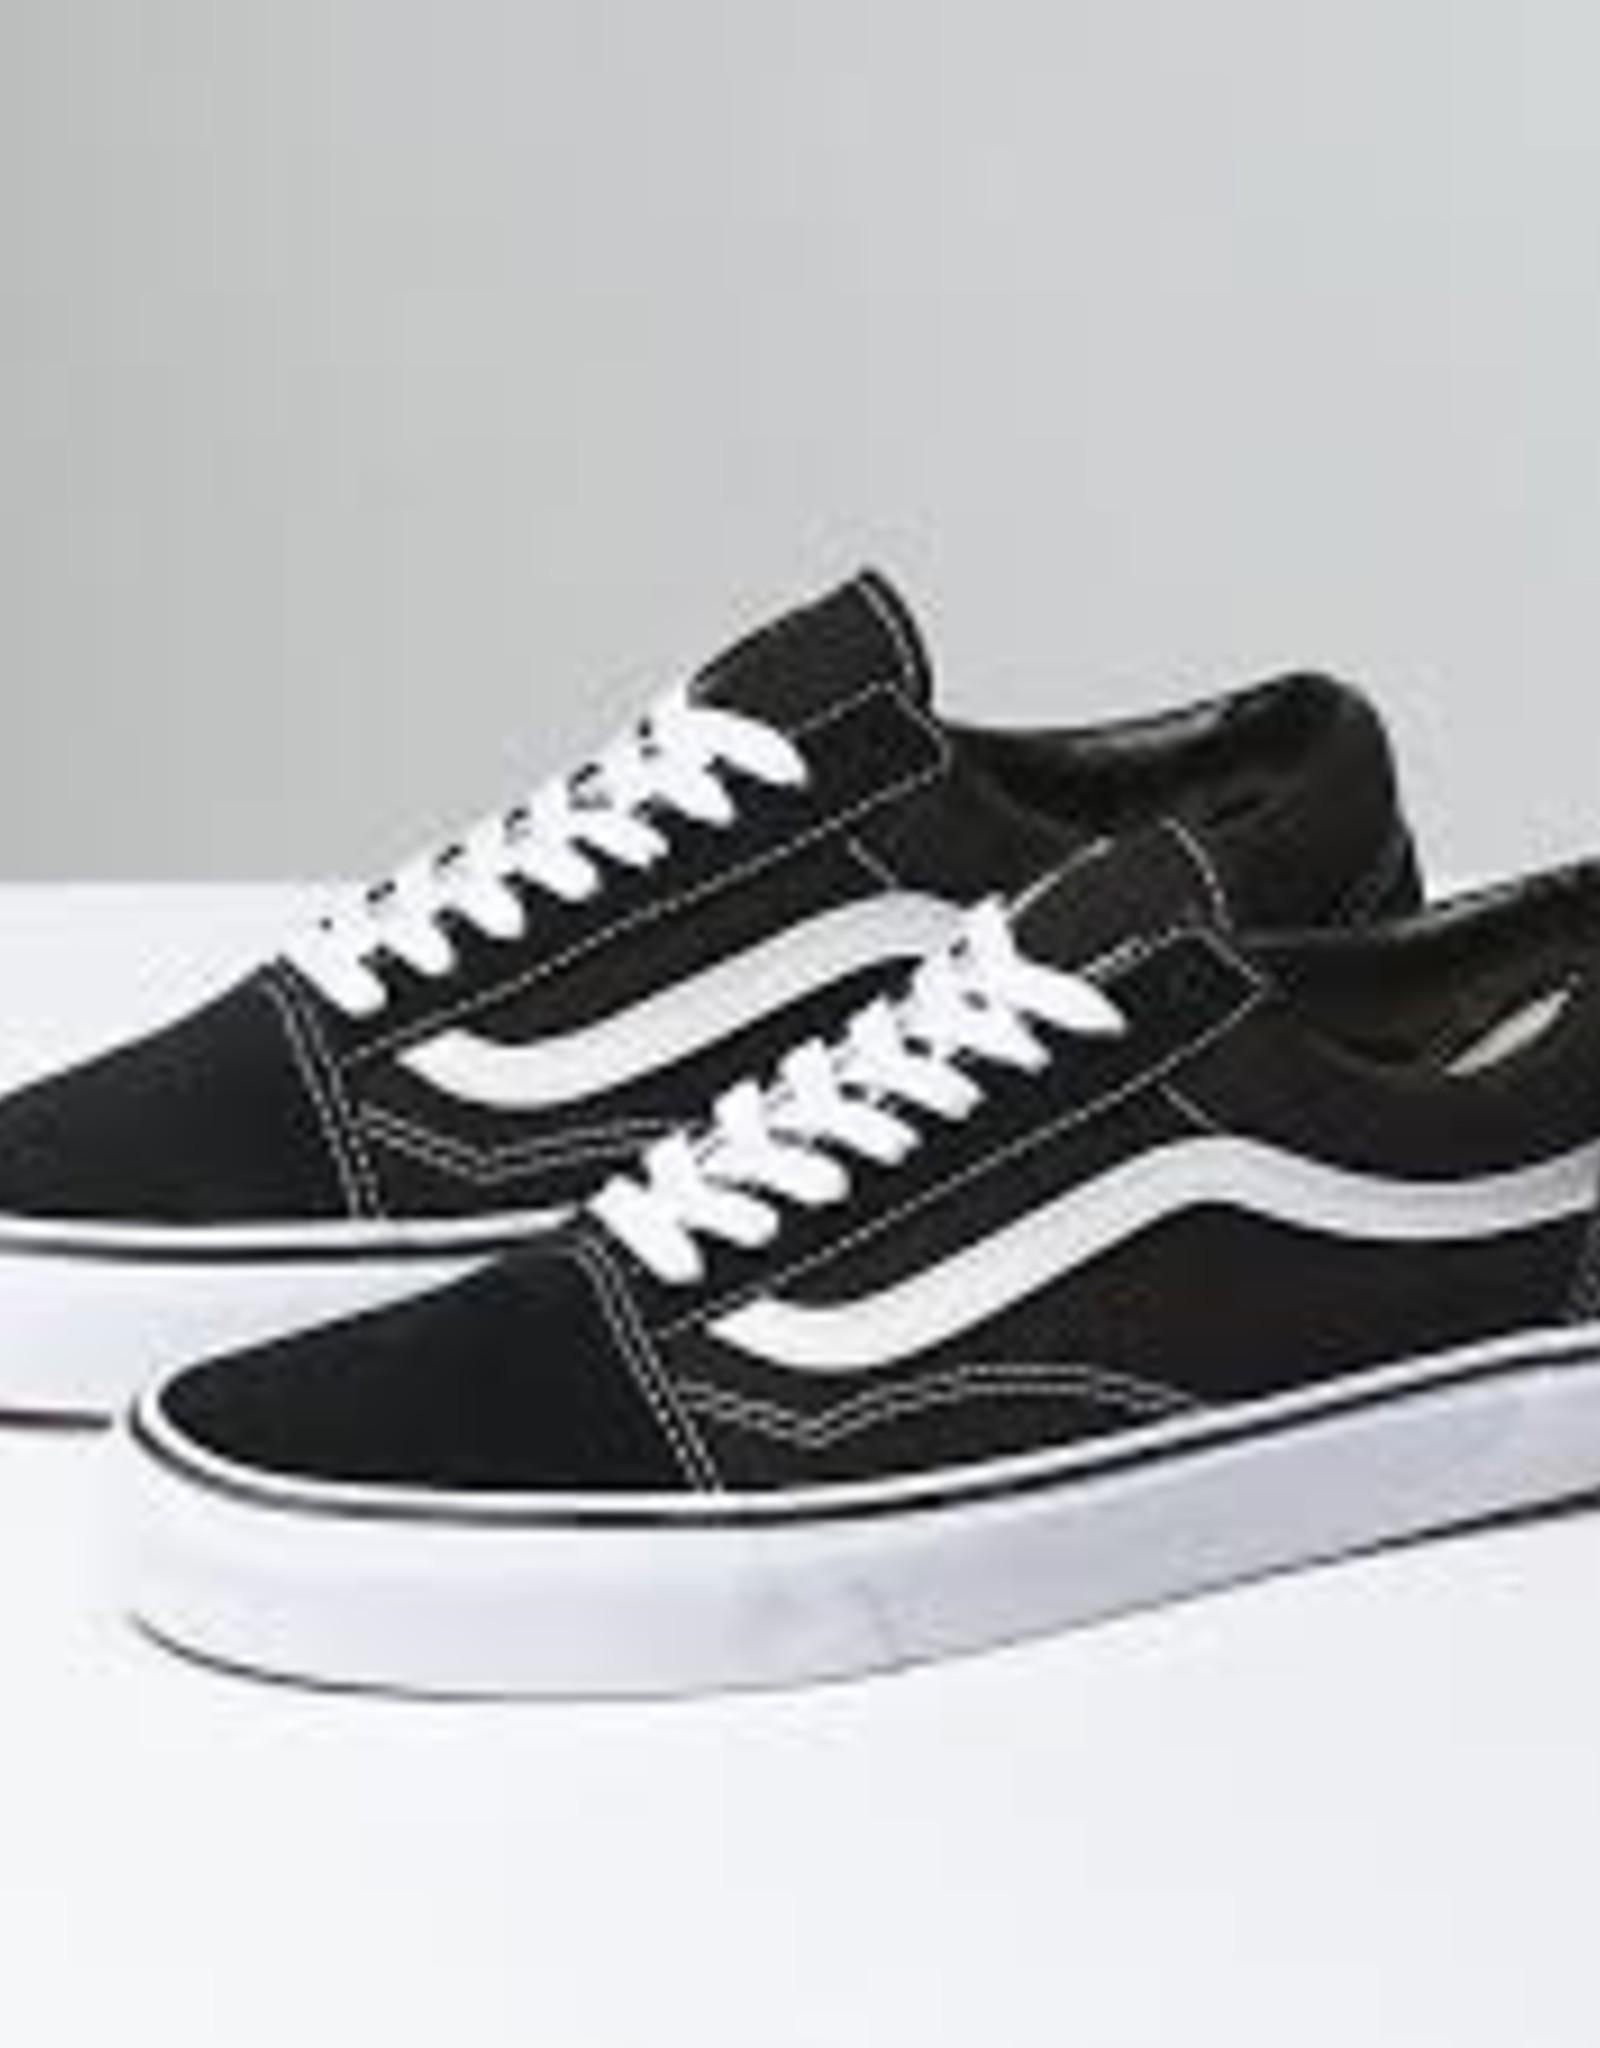 Vans Vans Old Skool Black/White